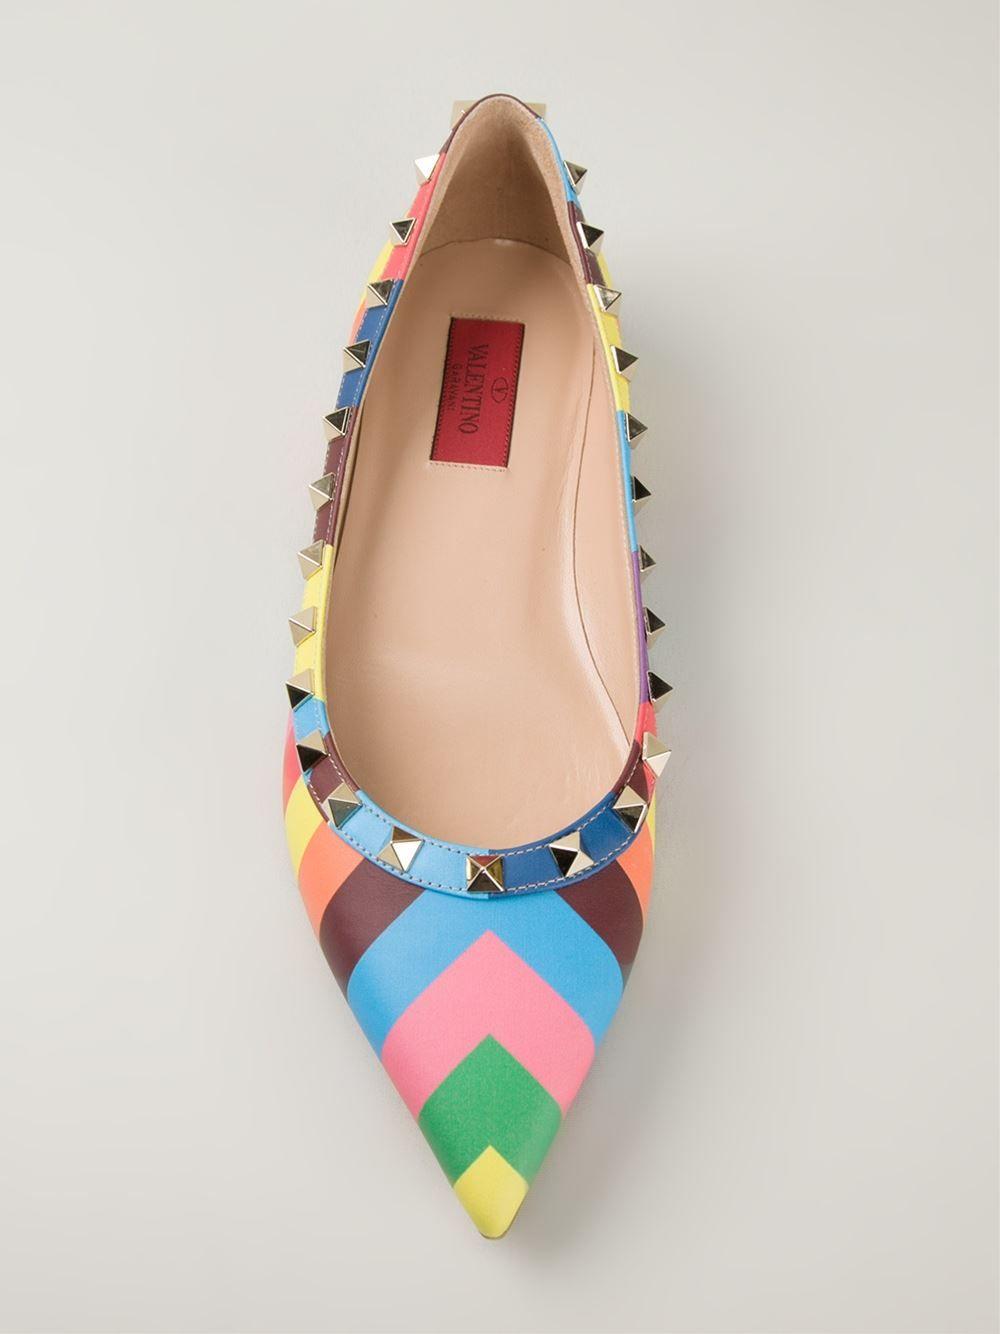 6734cb5b9 As melhores marcas da moda feminina para comprar online. Roupas de marca,  sapatos importados, bolsas originais da moda mundial em 12x.